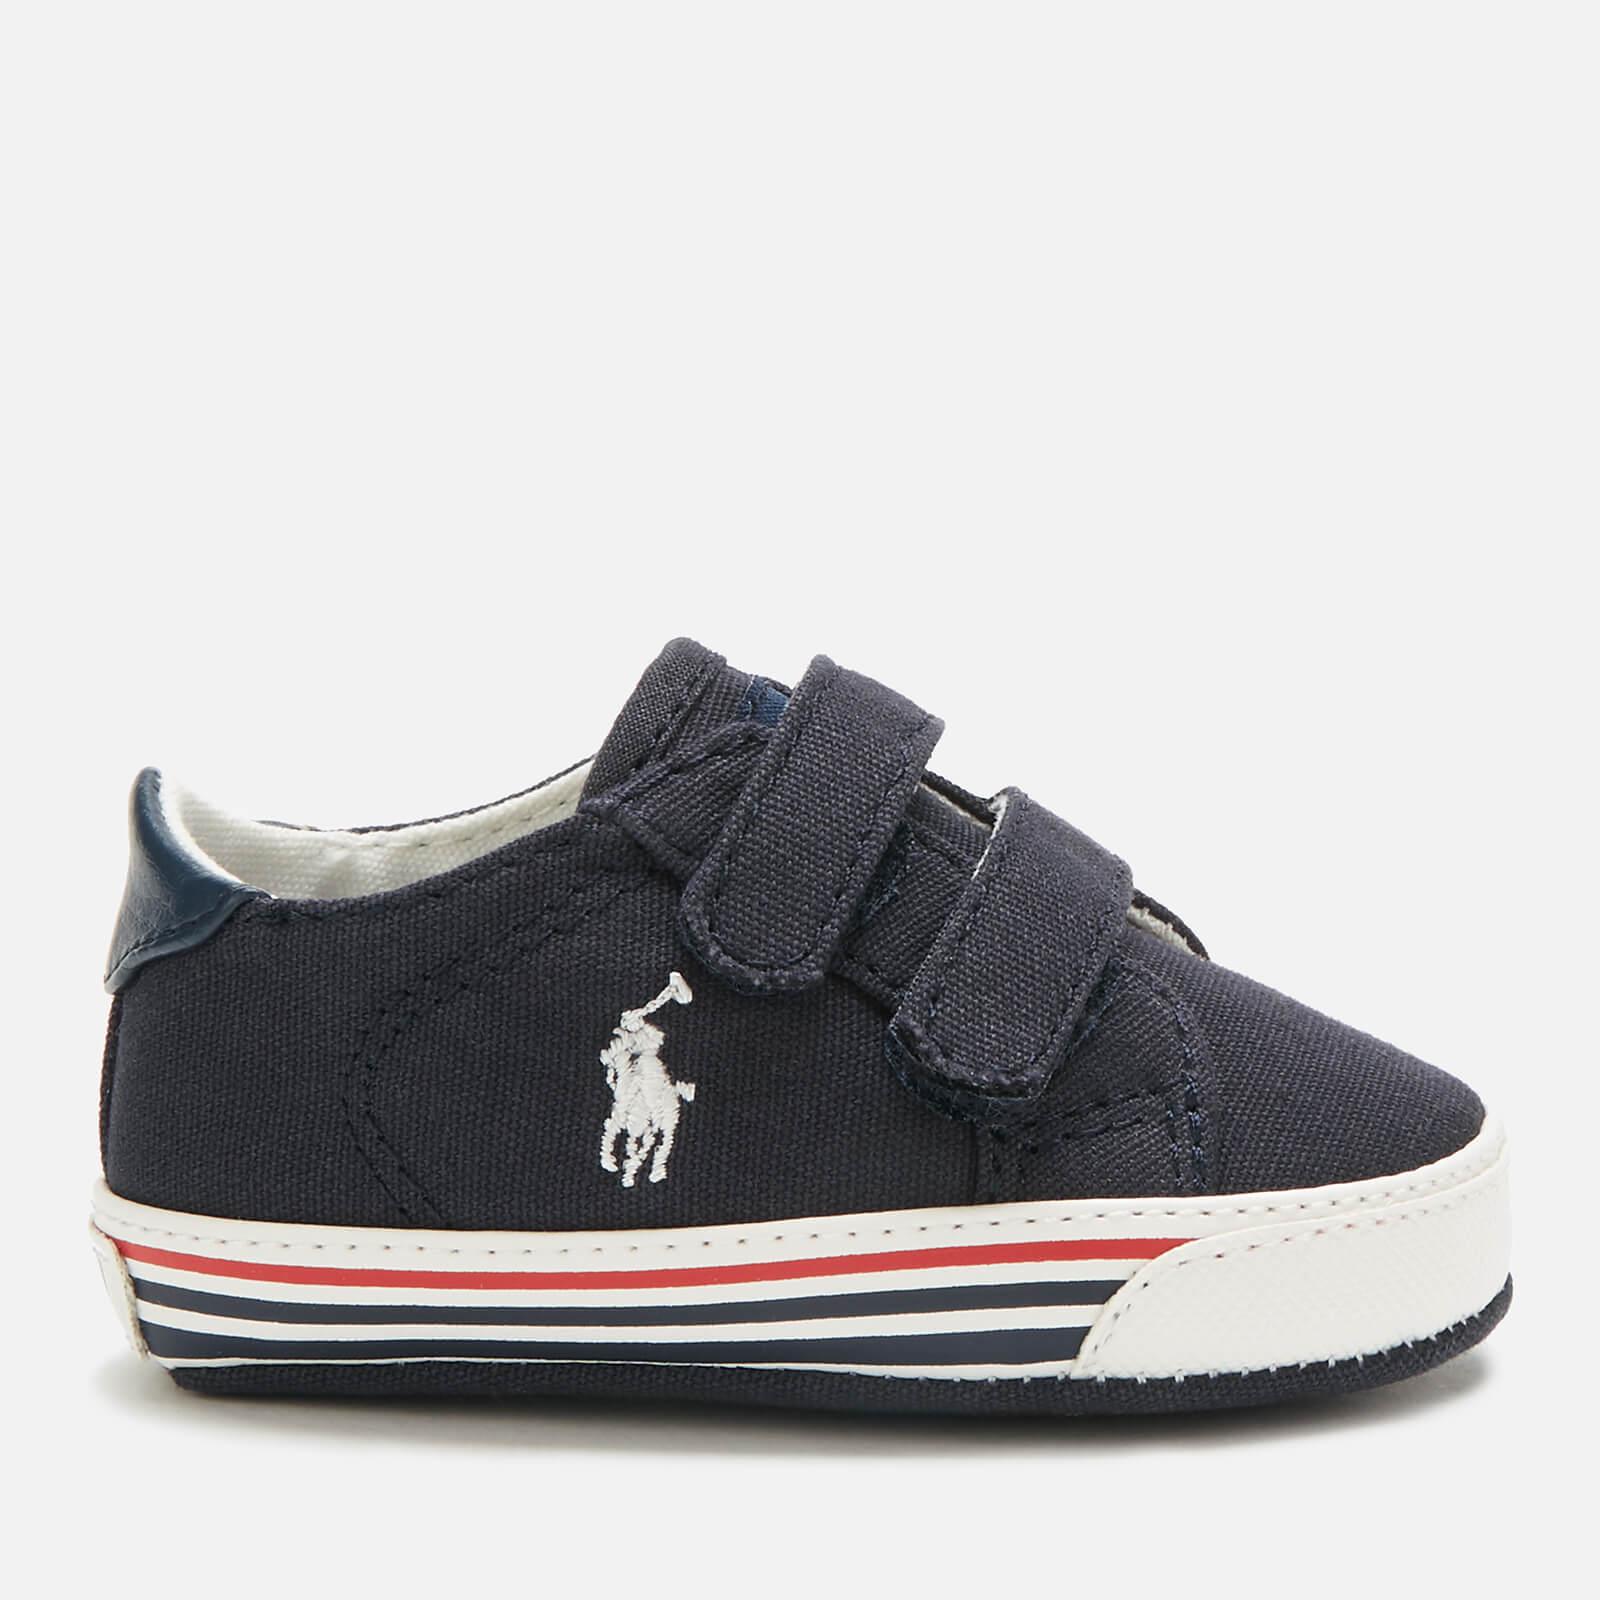 Ralph Lauren Polo Ralph Lauren Babies' Edgewood Ez Canvas Velcro Trainers - Navy/White PP - UK 3.5 Baby/EU 19 - Blue